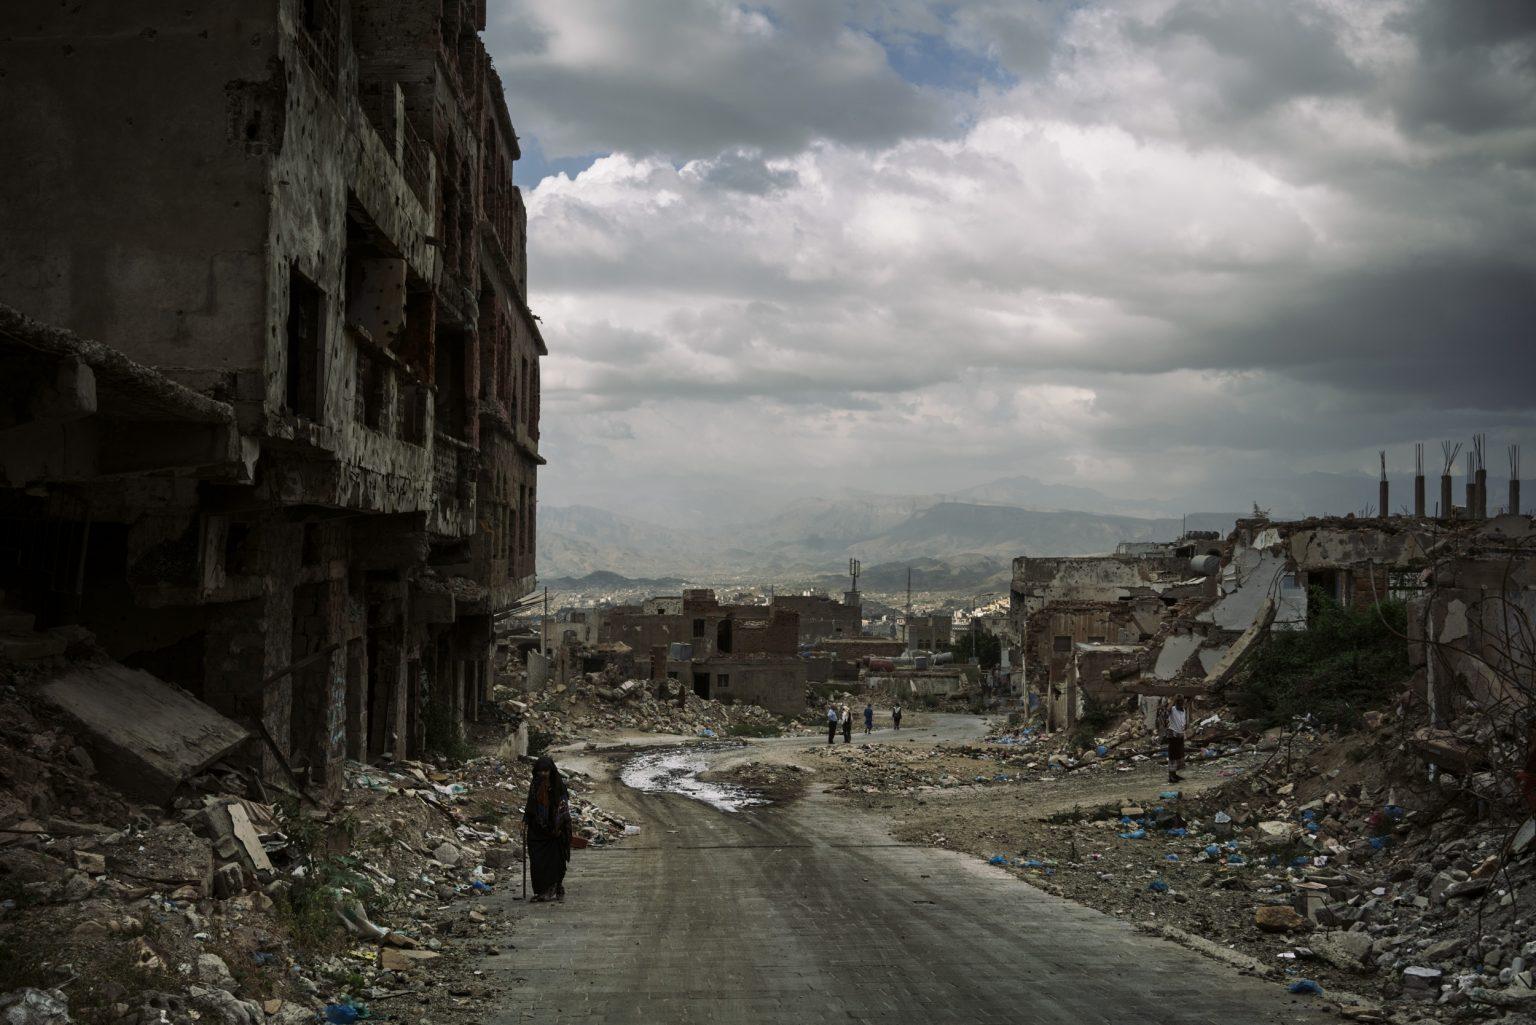 *** SPECIAL   FEE   APPLIES ***Taiz, Yemen, November 2018 - A veiled woman walks near a bombed building in the al-Jahmaliya area. Buildings here have been reduced to rubble, first during fighting between Houthi rebels and local militias struggling to retake the city, then in recent clashes between them. >< Taiz, Yemen, novembre 2018 - Una donna velata cammina vicino a un edificio bombardato nella zona di al-Jahmaliya. Qui gli edifici sono stati ridotti in macerie, prima nei combattimenti tra ribelli Houthi e milizie locali che lottavano per riconquistare la cittàˆ, poi, recentemente, durante scontri tra le stesse.